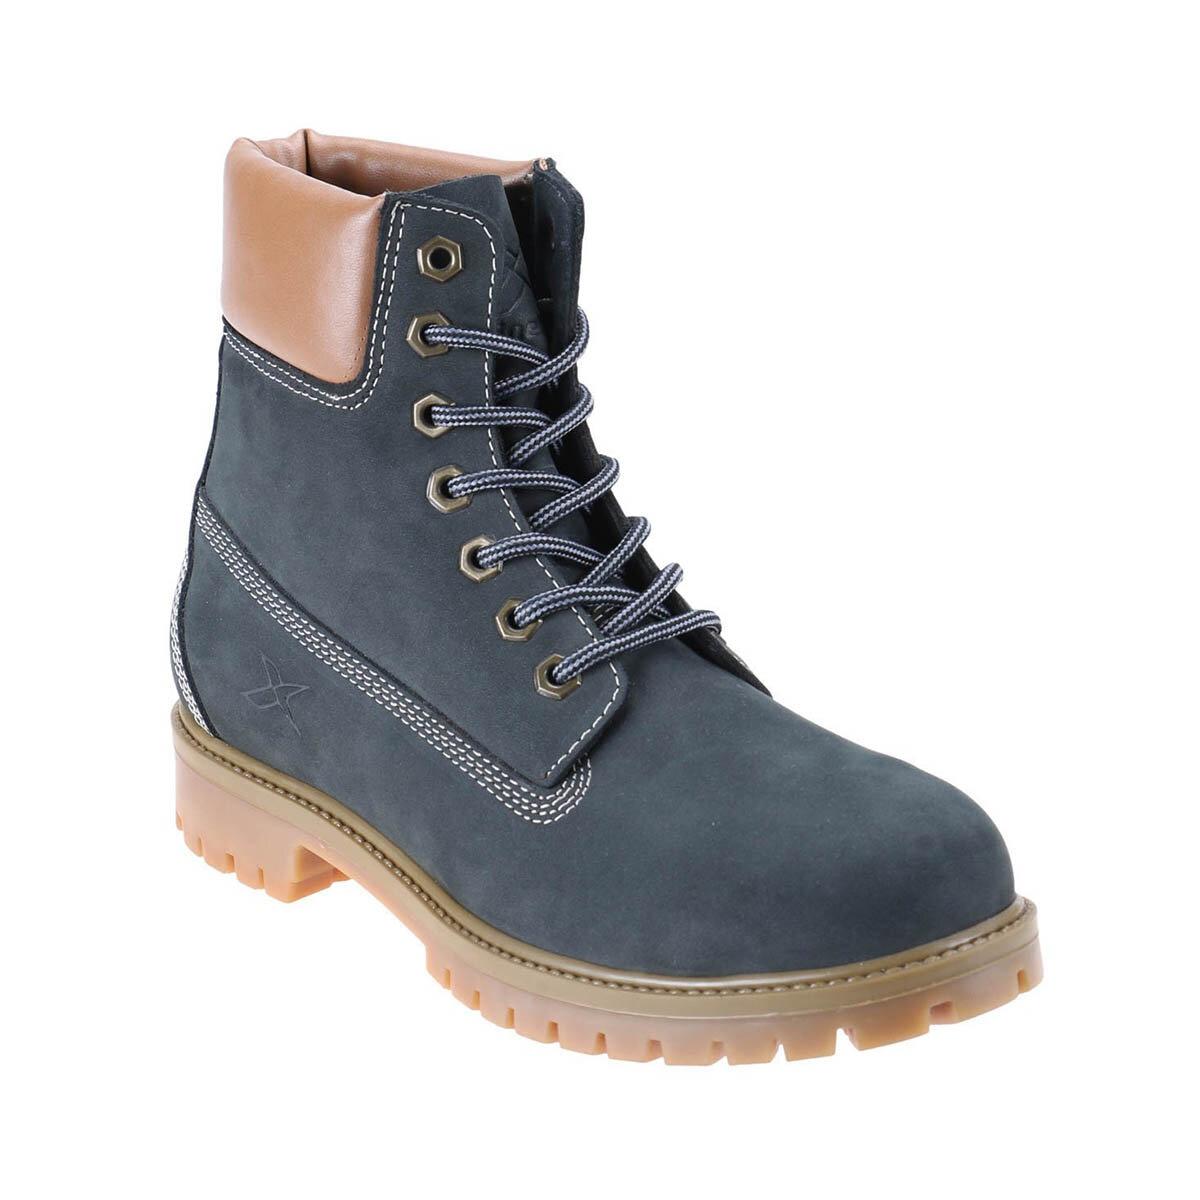 FLO 1252634 Navy Blue Men 'S Boots KINETIX